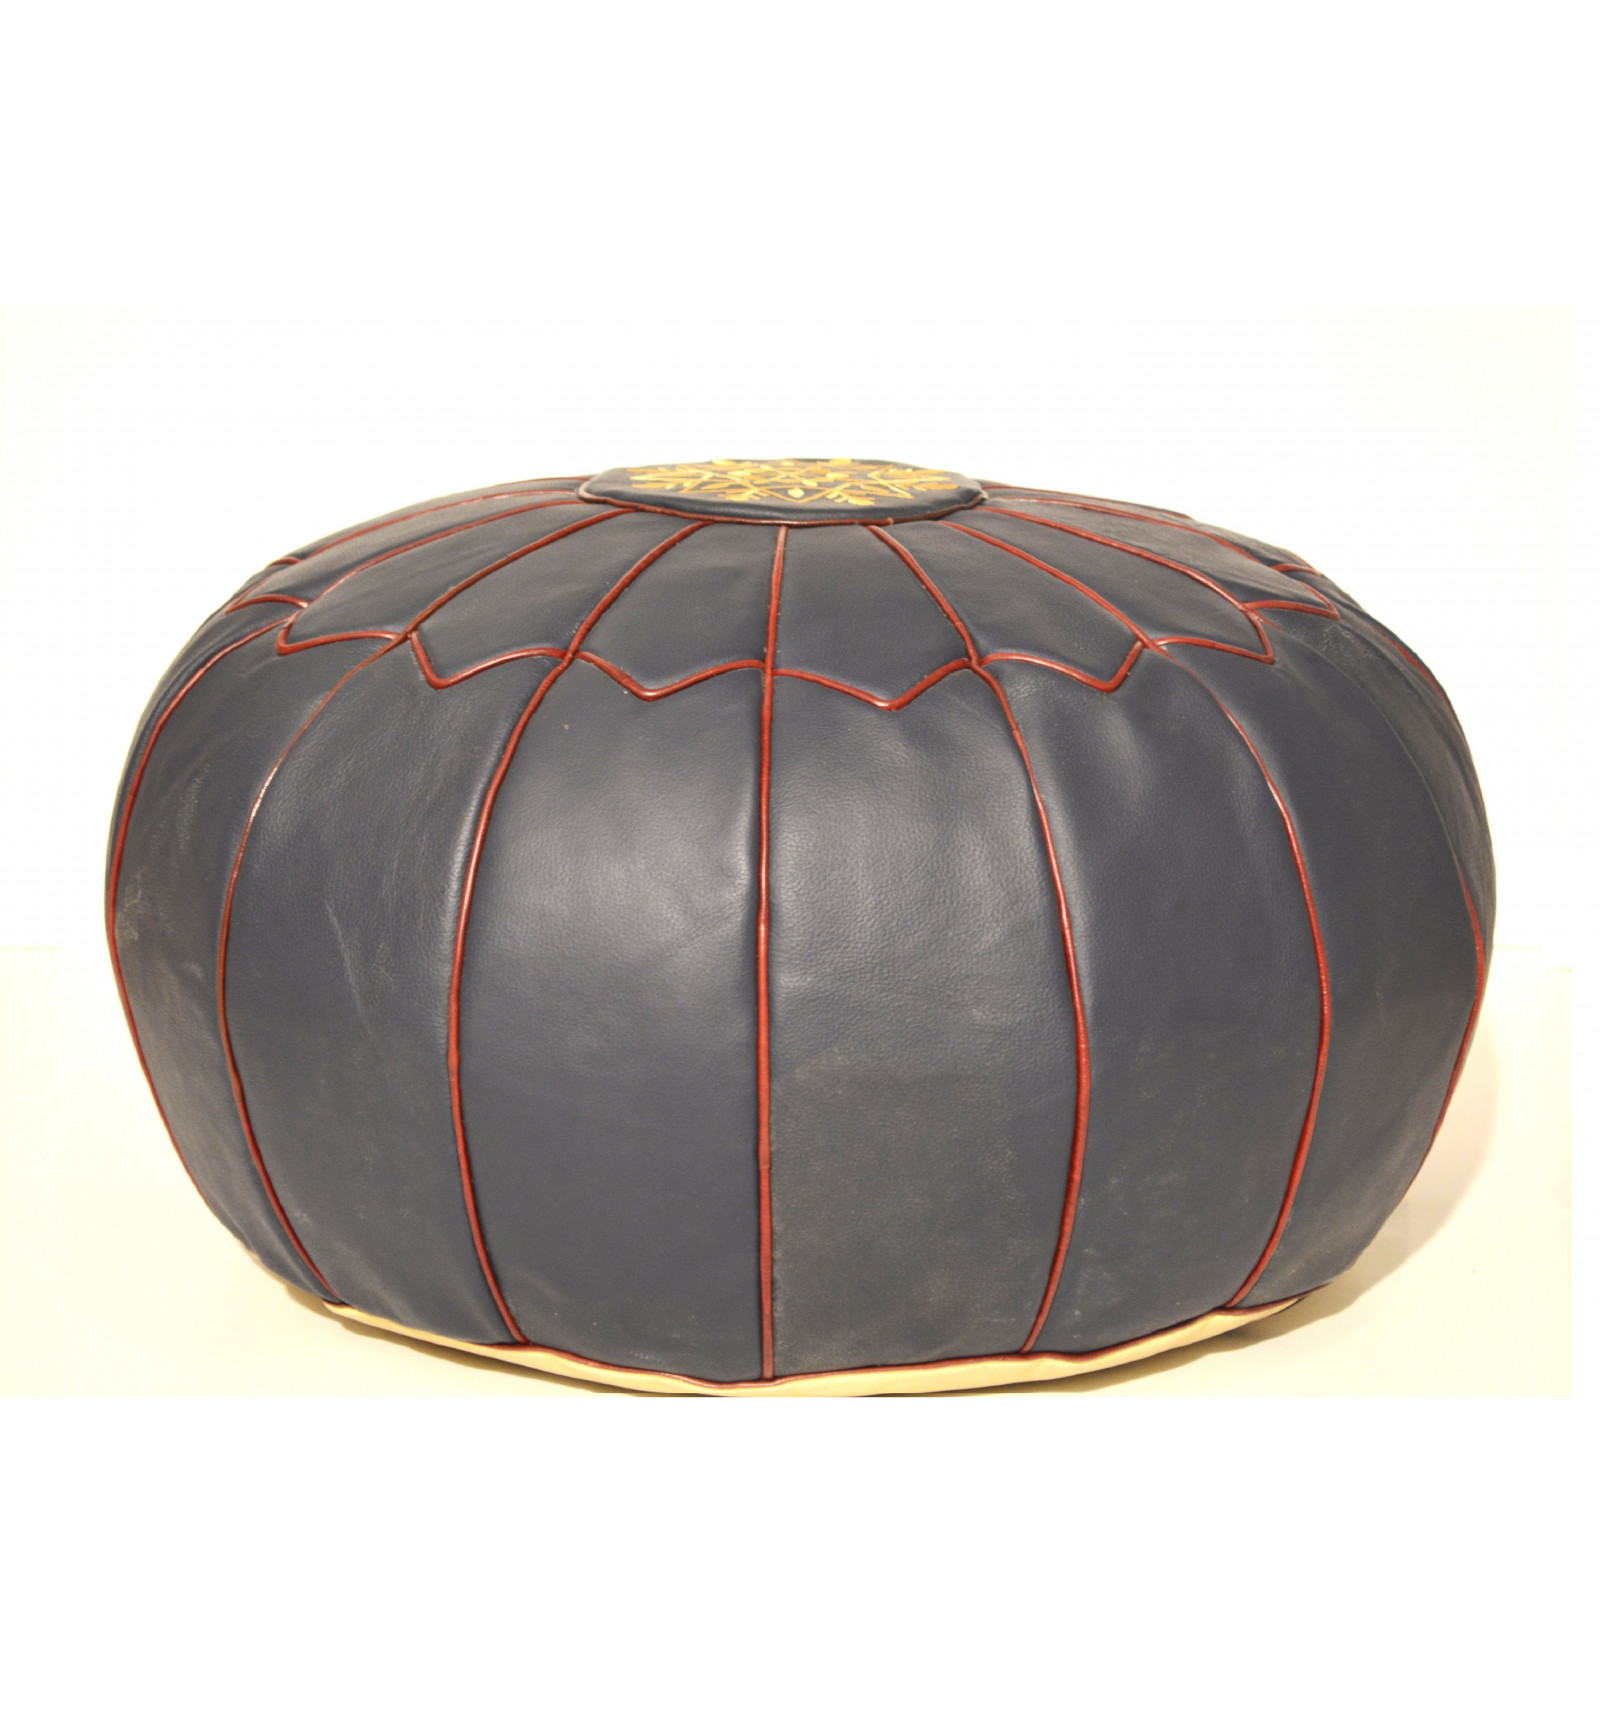 Pouf design - Pouf marocain en cuir bleu - Lartisanet